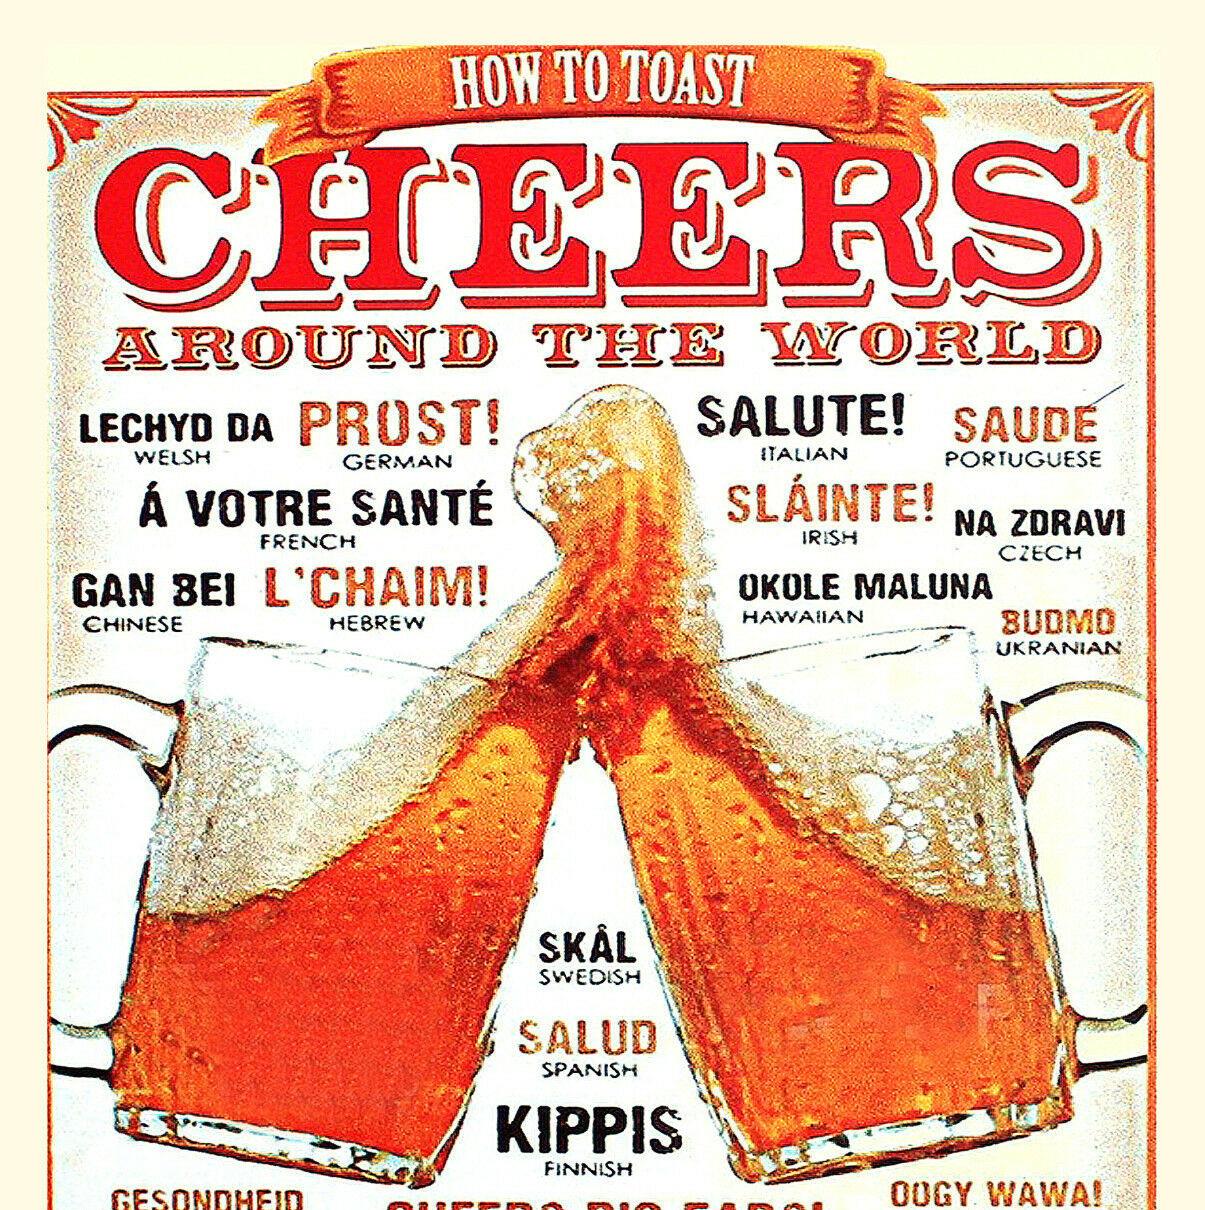 Image d'une carte postale à l'ancienne avec 2 bières qui trinquent